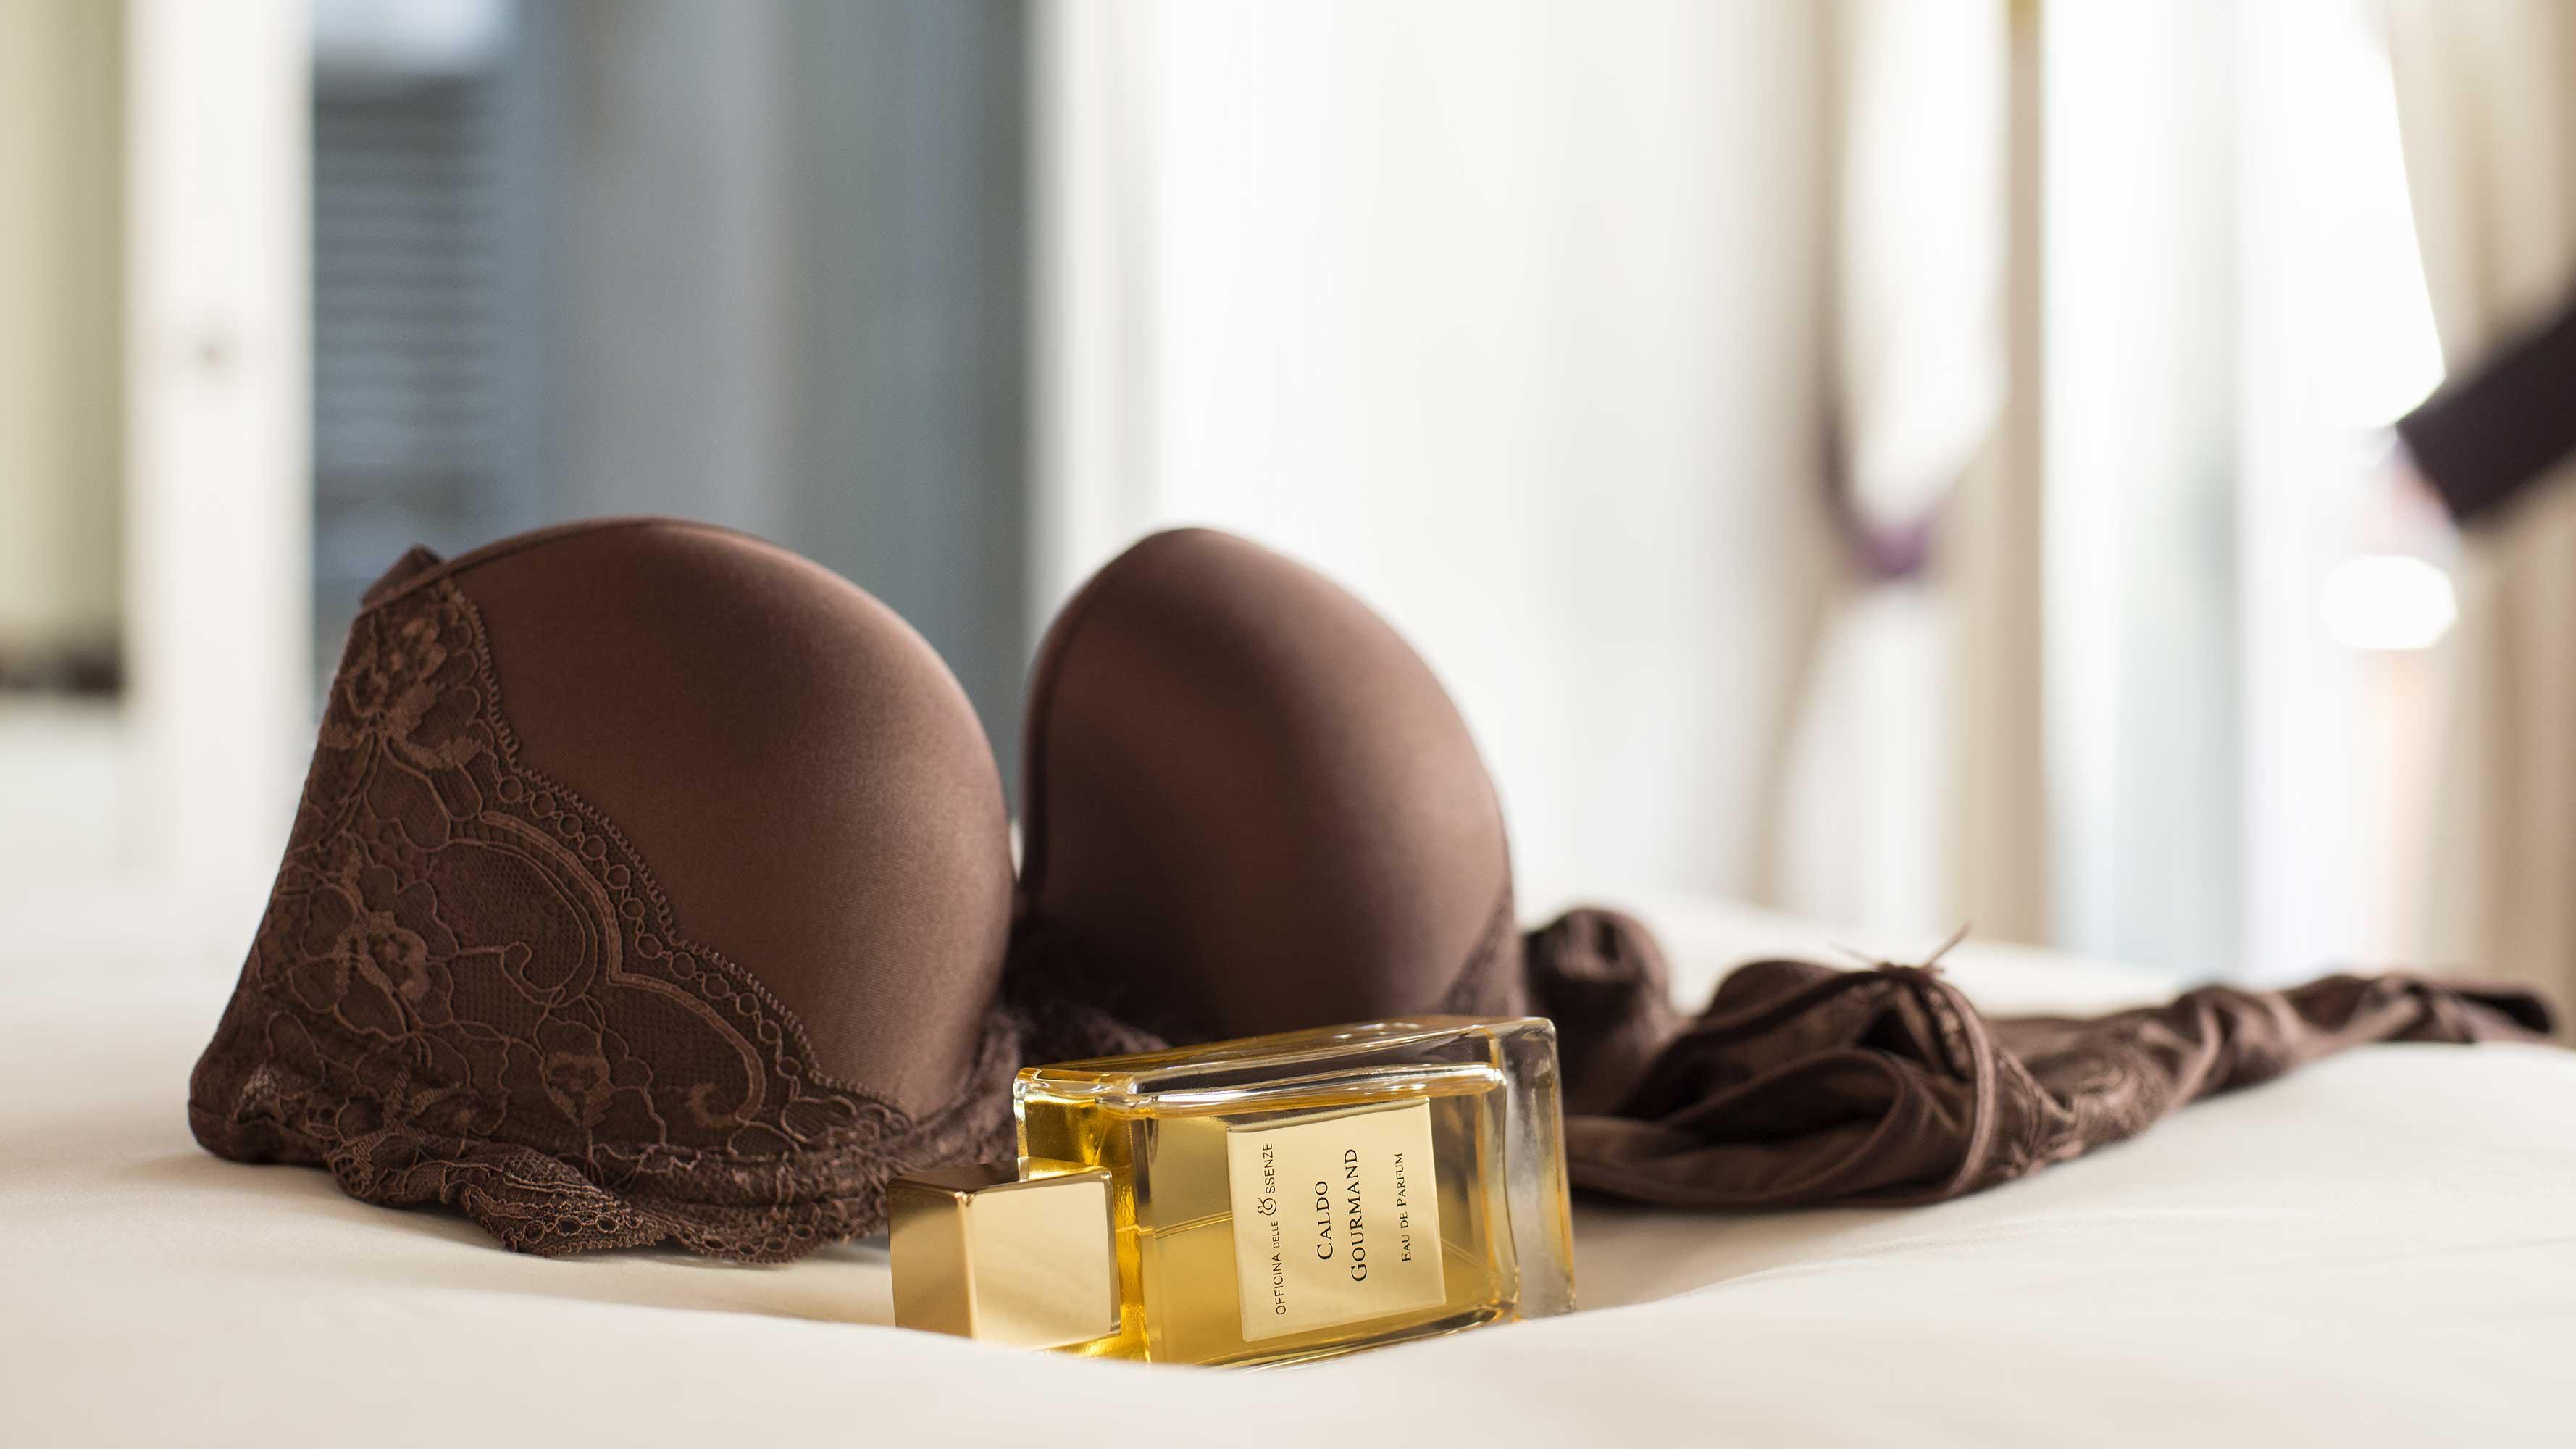 Eau de parfum sensuale di Officina delle Essenze